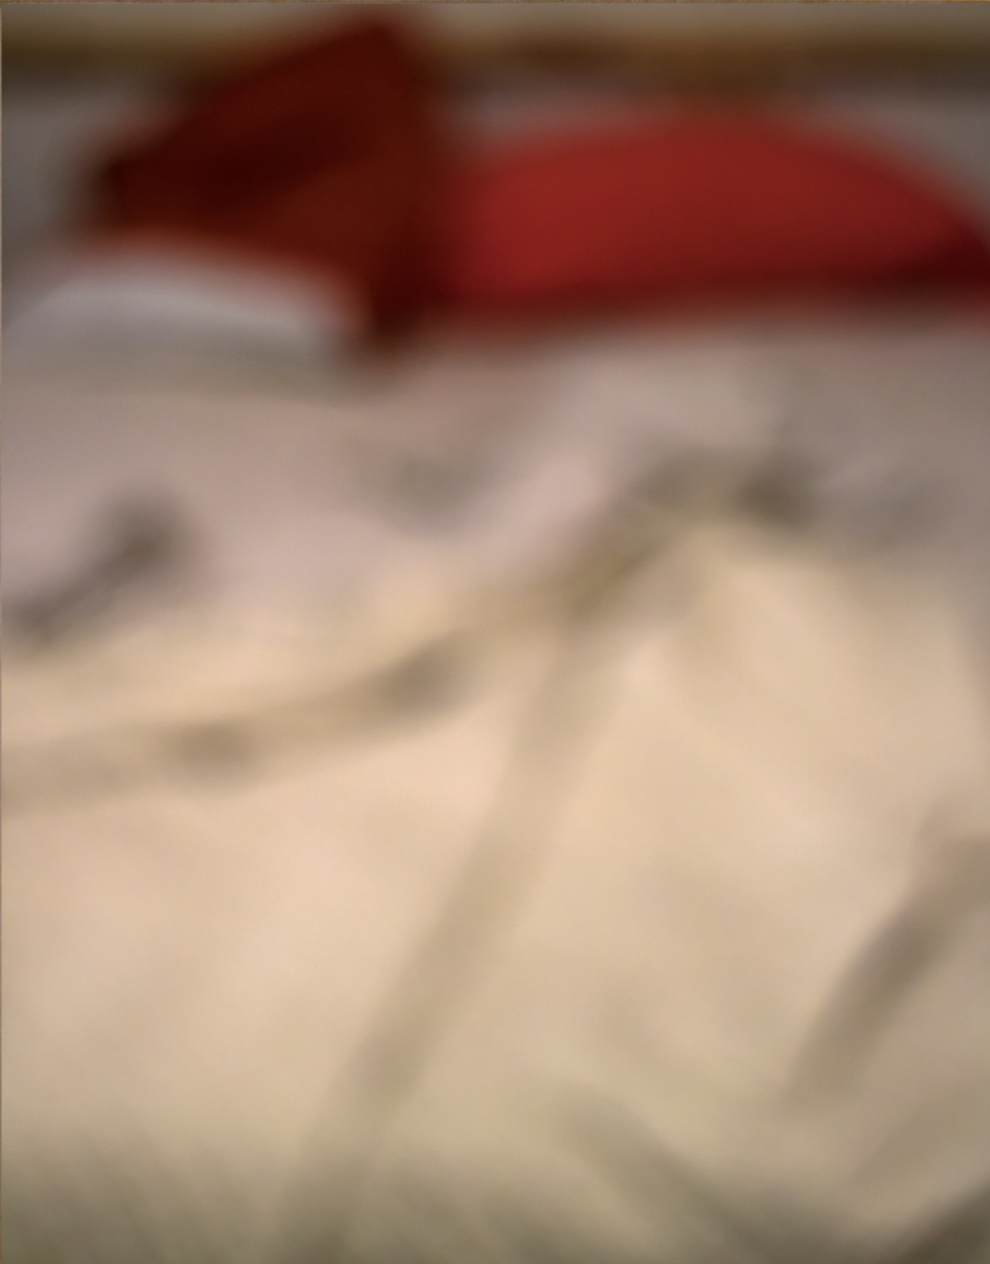 Screen Shot 2018-01-12 at 1.51.06 PM.png